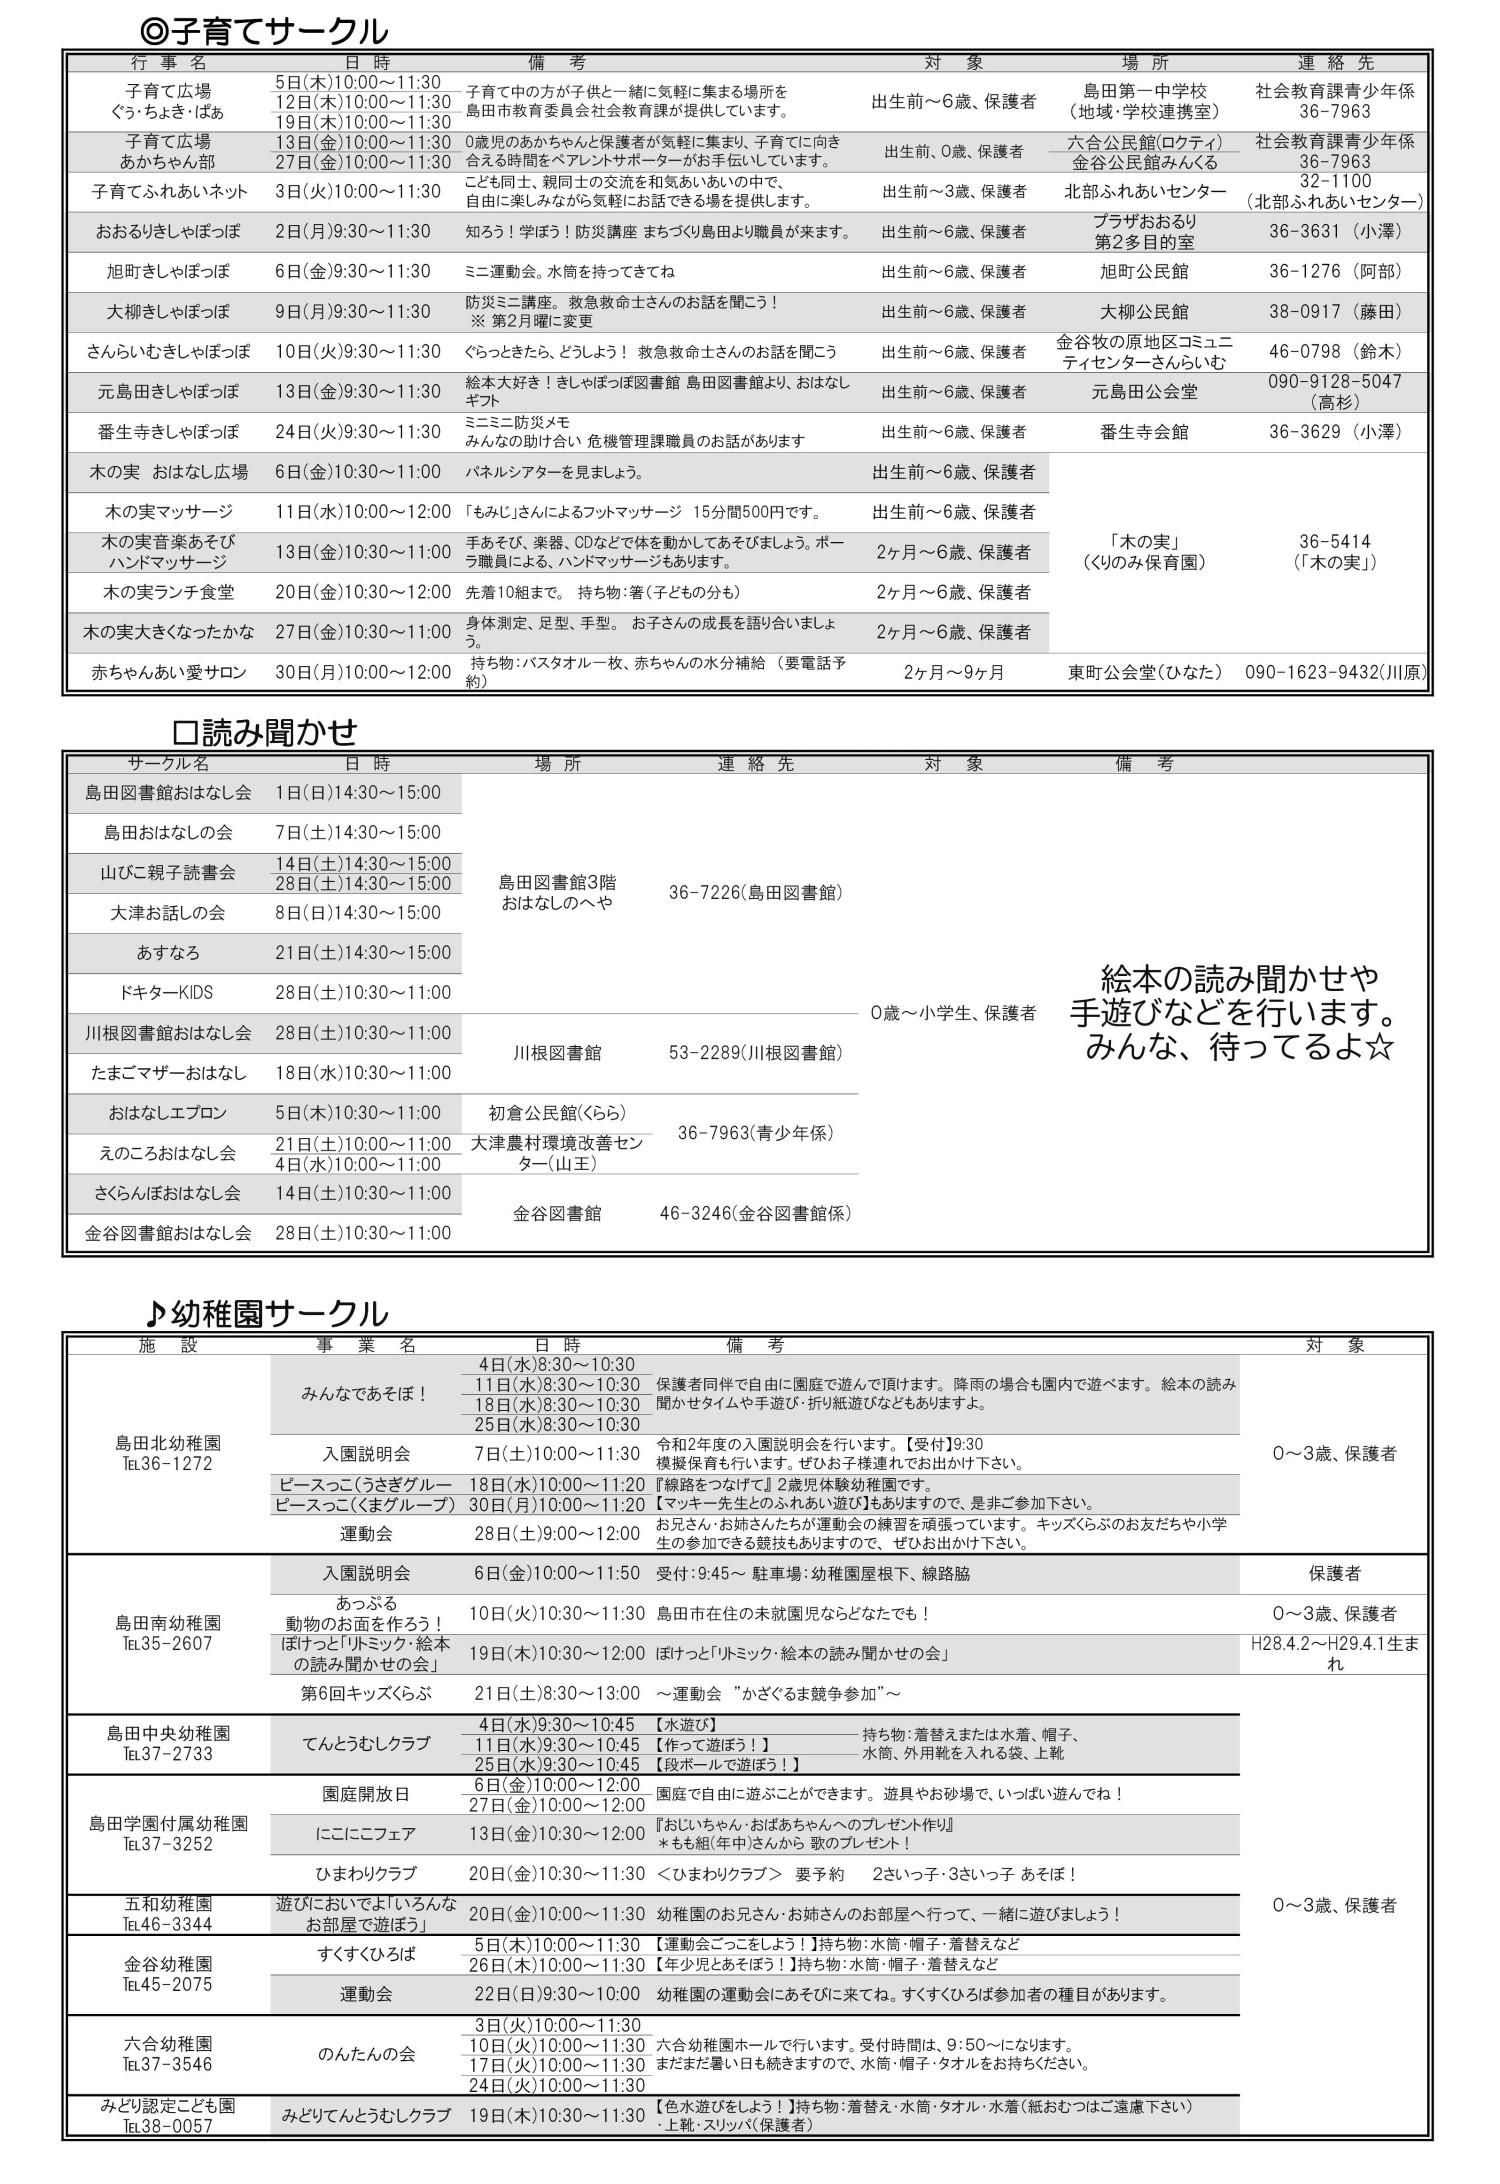 令和元年9月子育てカレンダー-01 - コピー - コピー